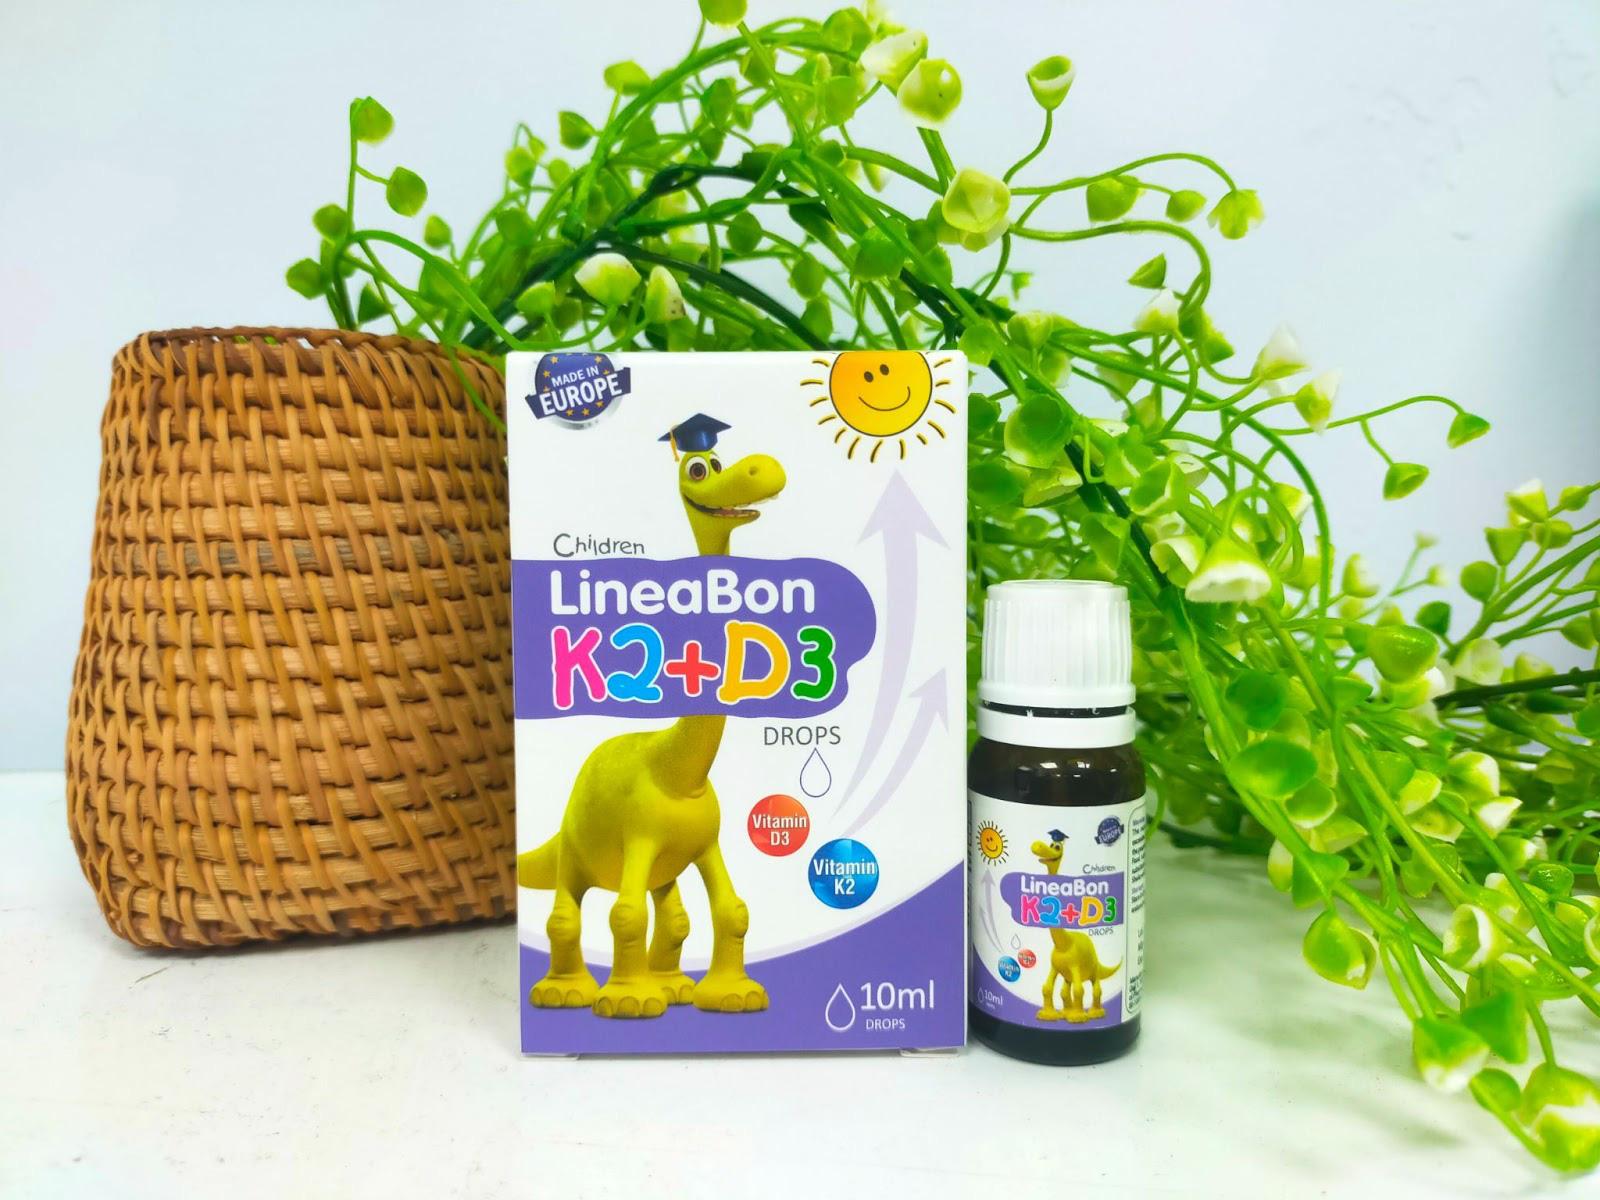 LineaBon - Hỗ trợ hệ xương cho trẻ trong giai đoạn phát triển chiều cao ngay từ khi sơ sinh - Ảnh 3.